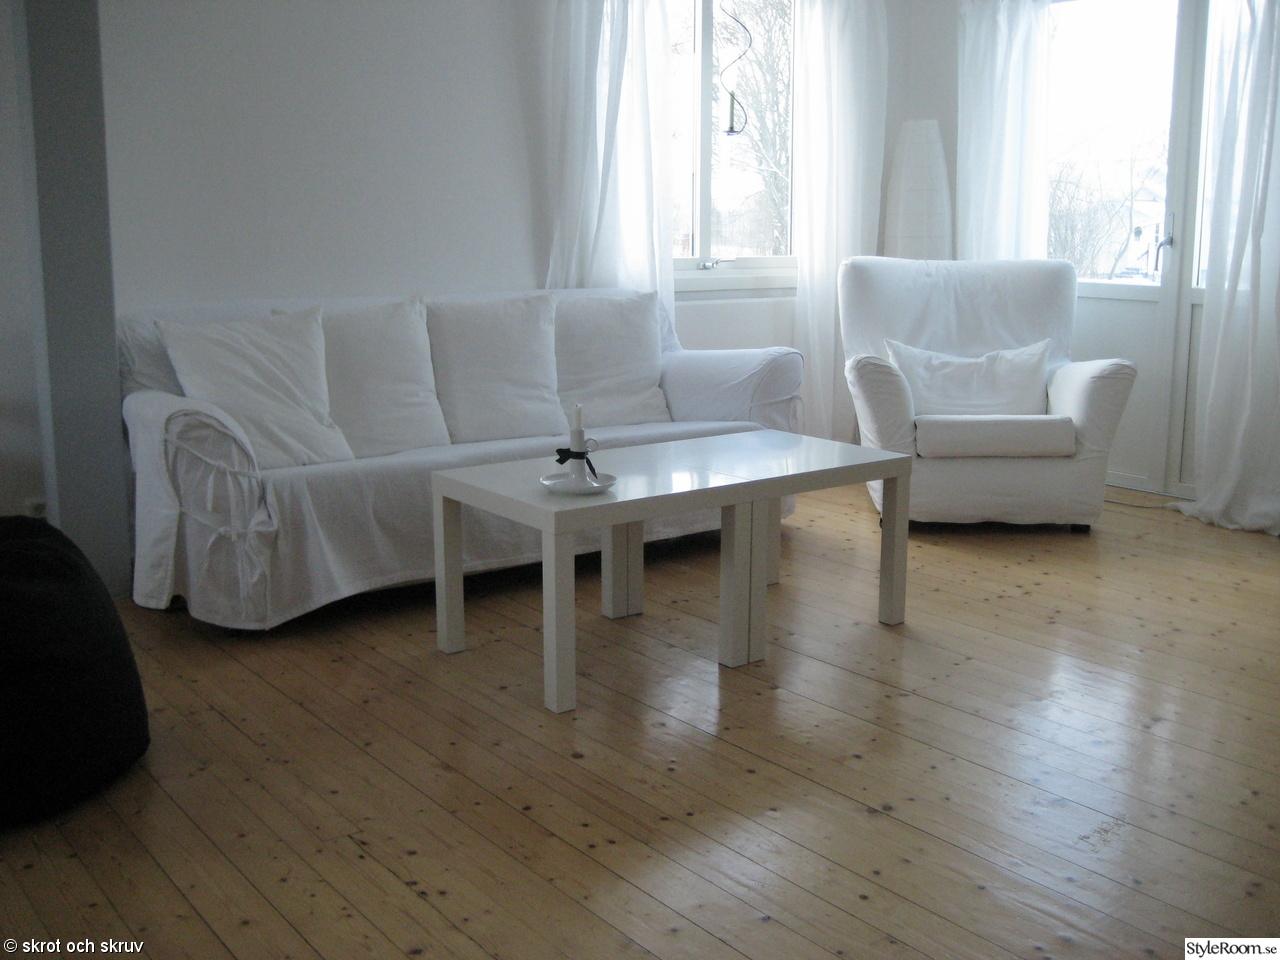 Vitt svart minimalism vardagsrum   inspiration och idéer till ditt hem